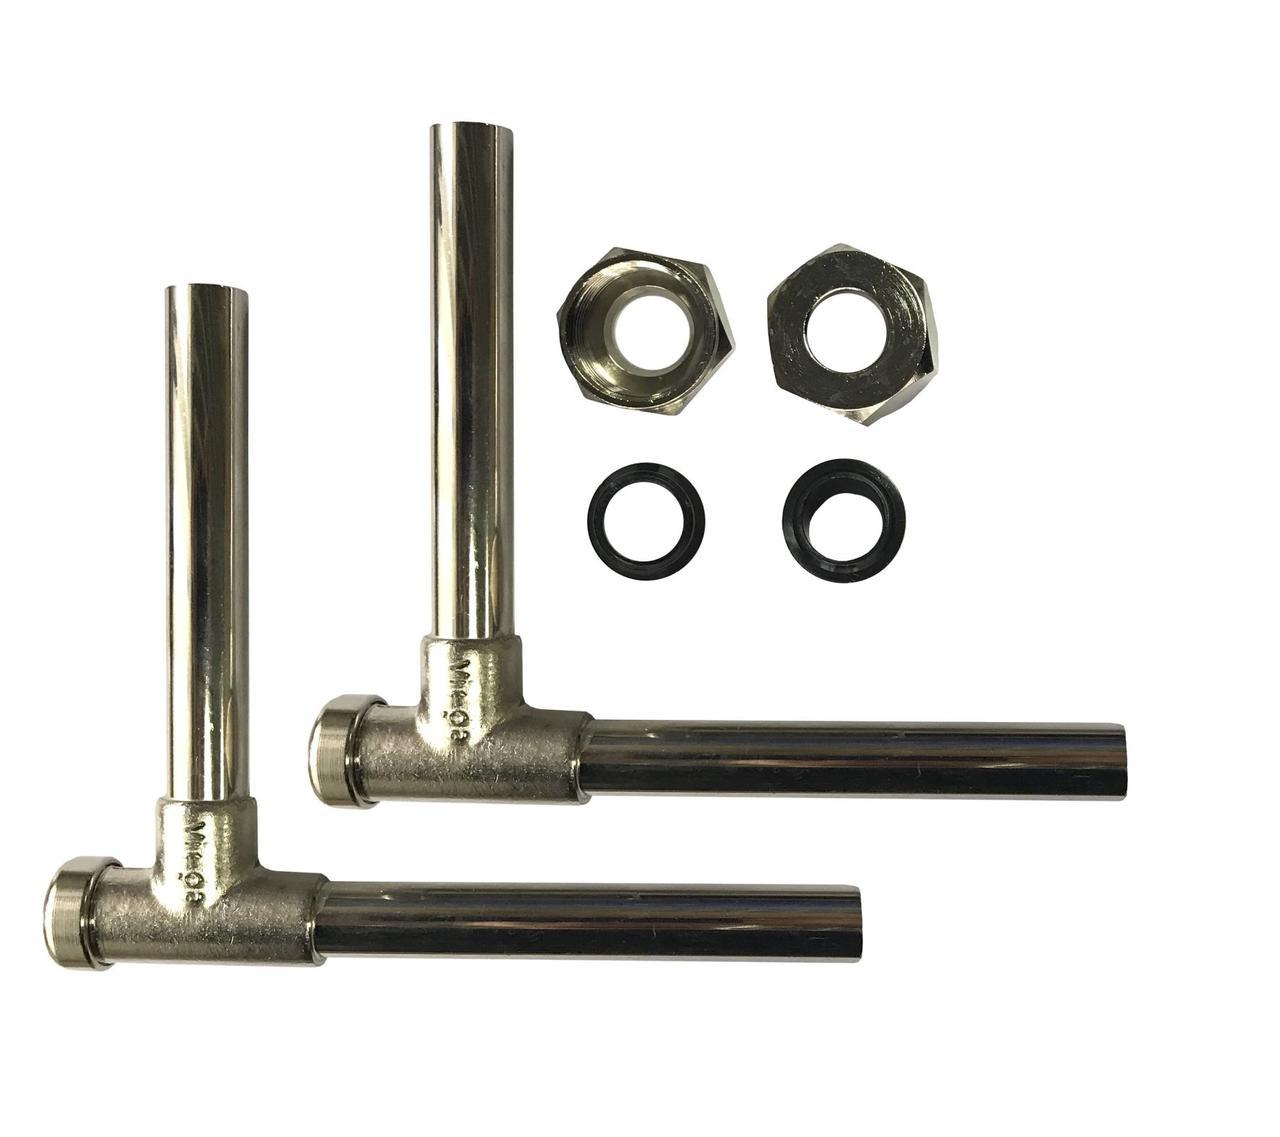 Viega (360399 )Ф15 3/4x120/120 Кран д/рад угловой п/ключ никель в комплекте с трубками